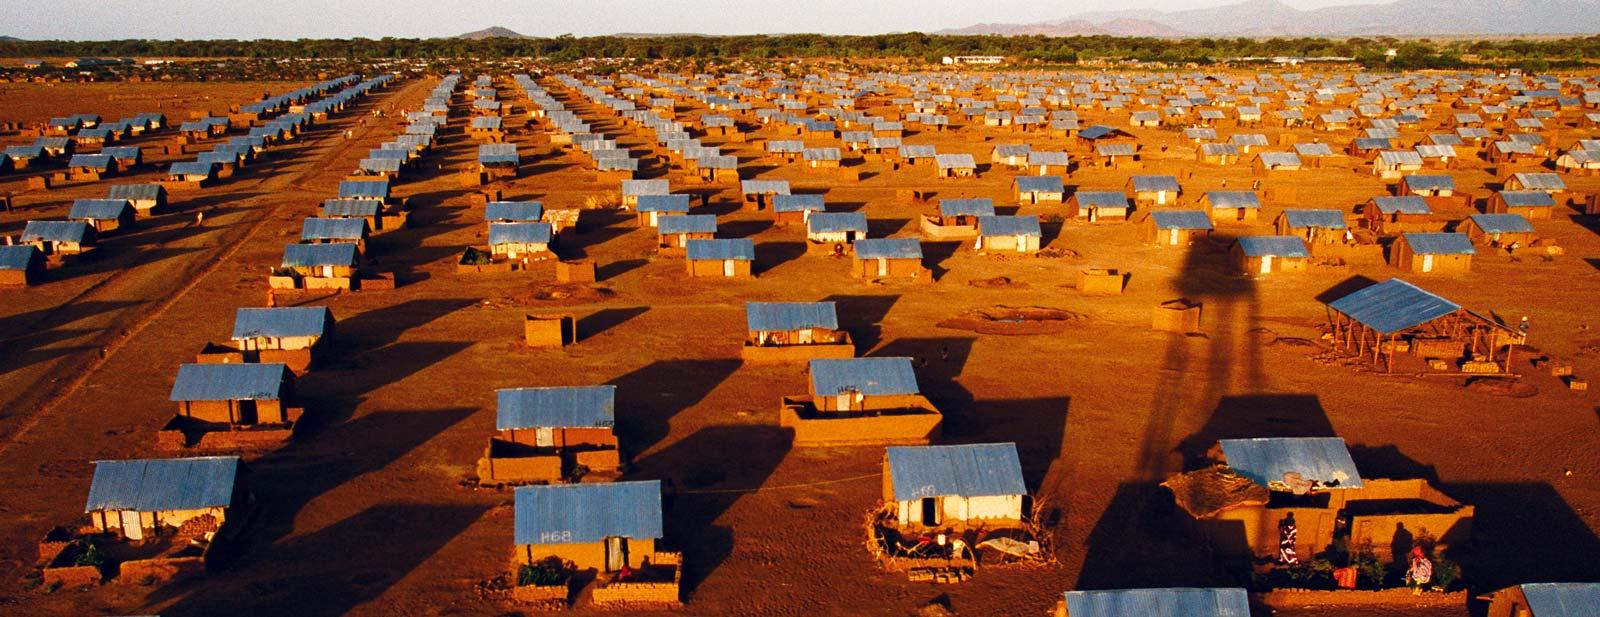 Sudanese border, Kakuma camp (Photo: Christophe Calais/Corbis)